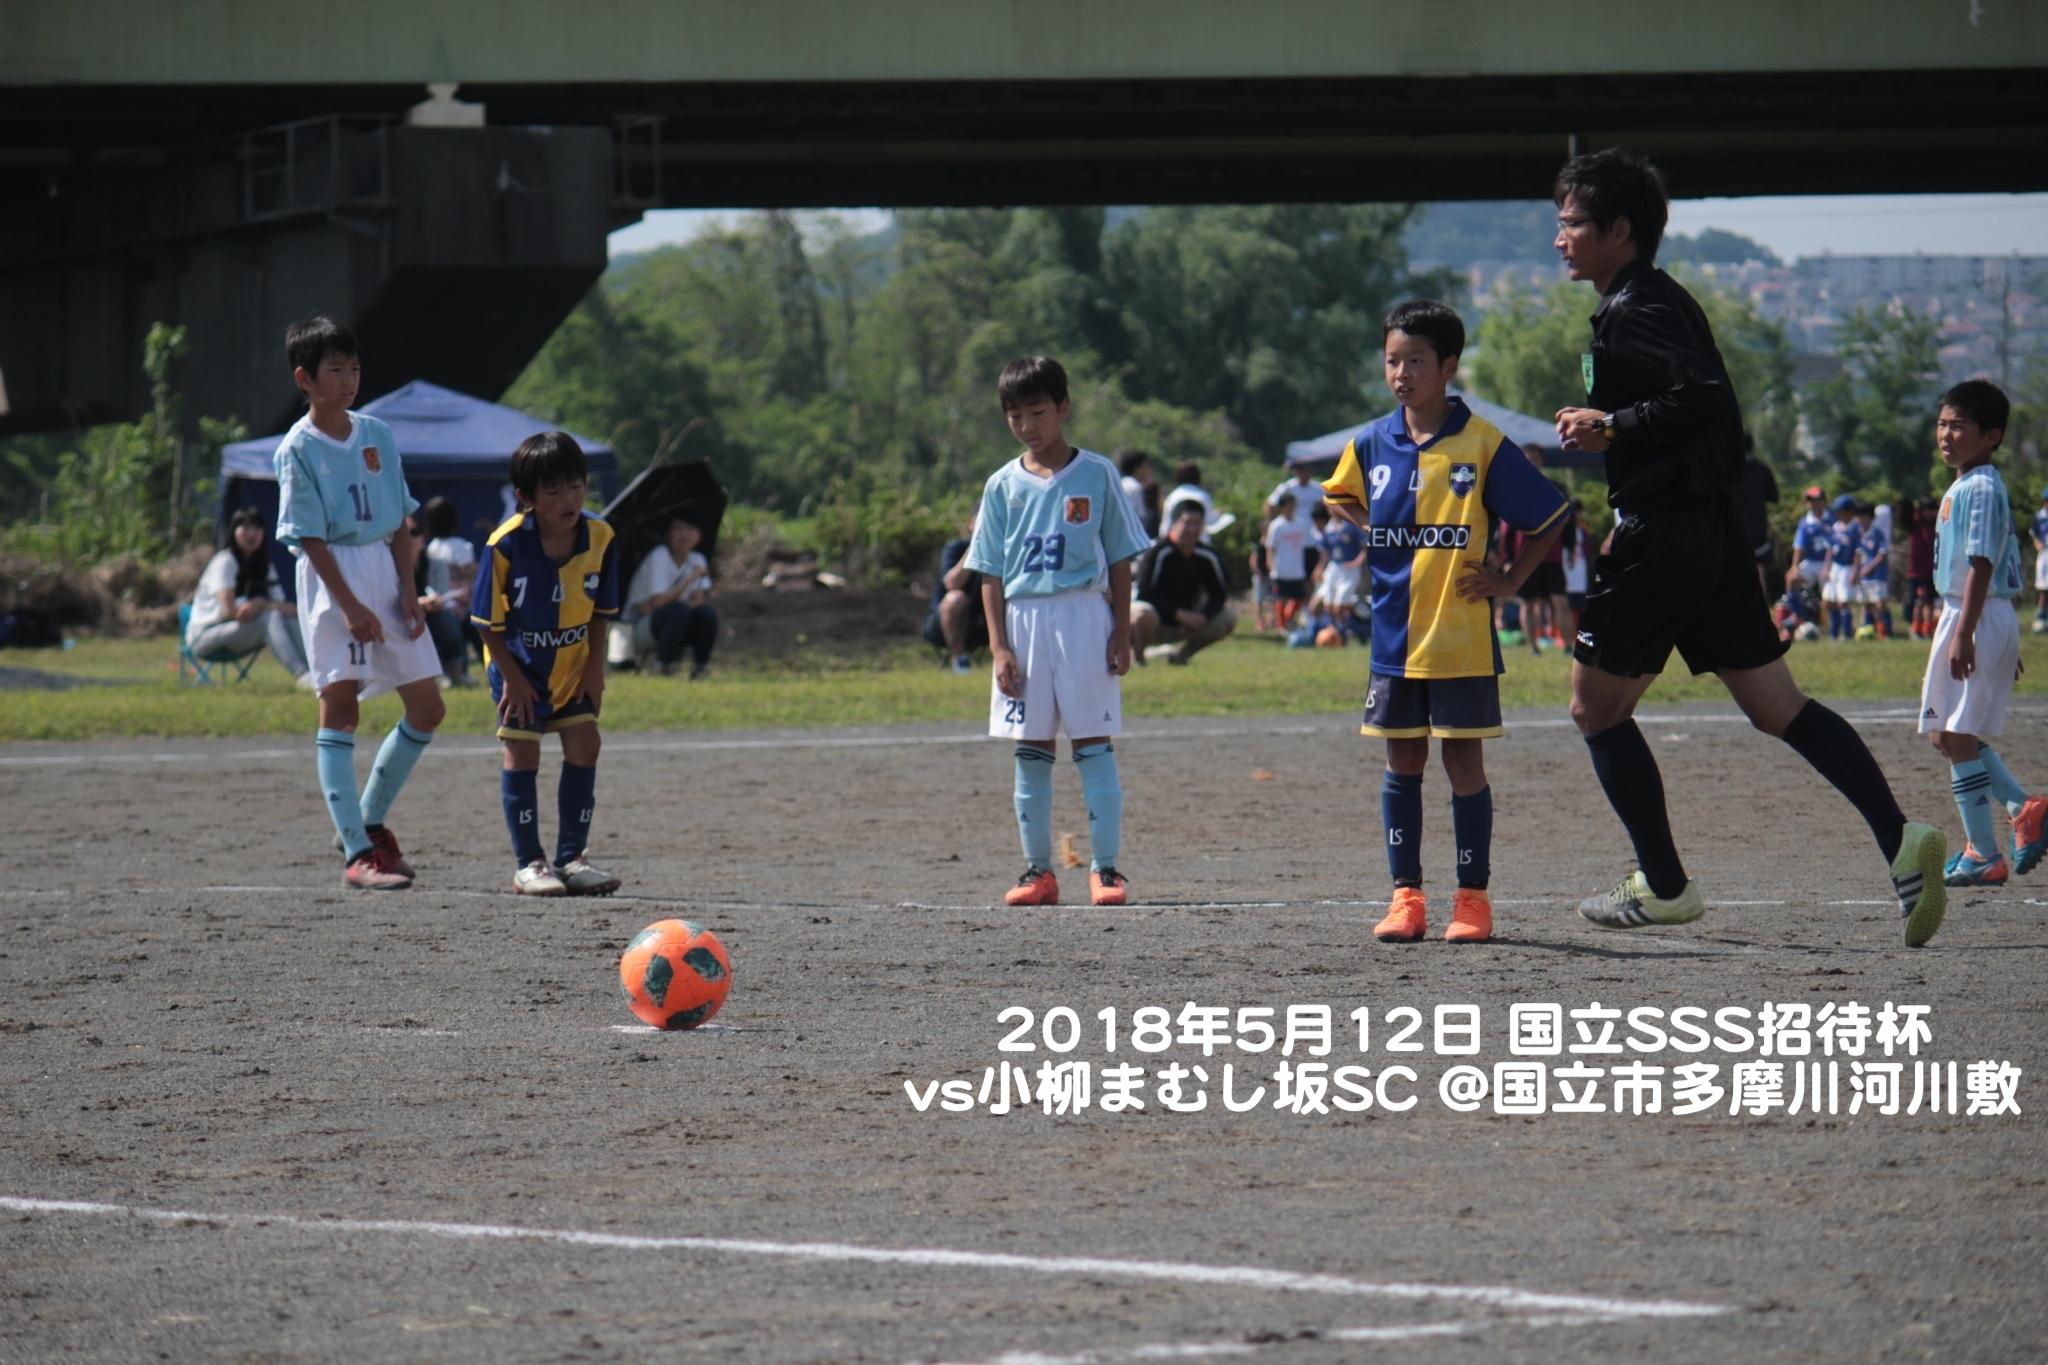 180512国立SSS招待5年生大会_小柳まむし坂